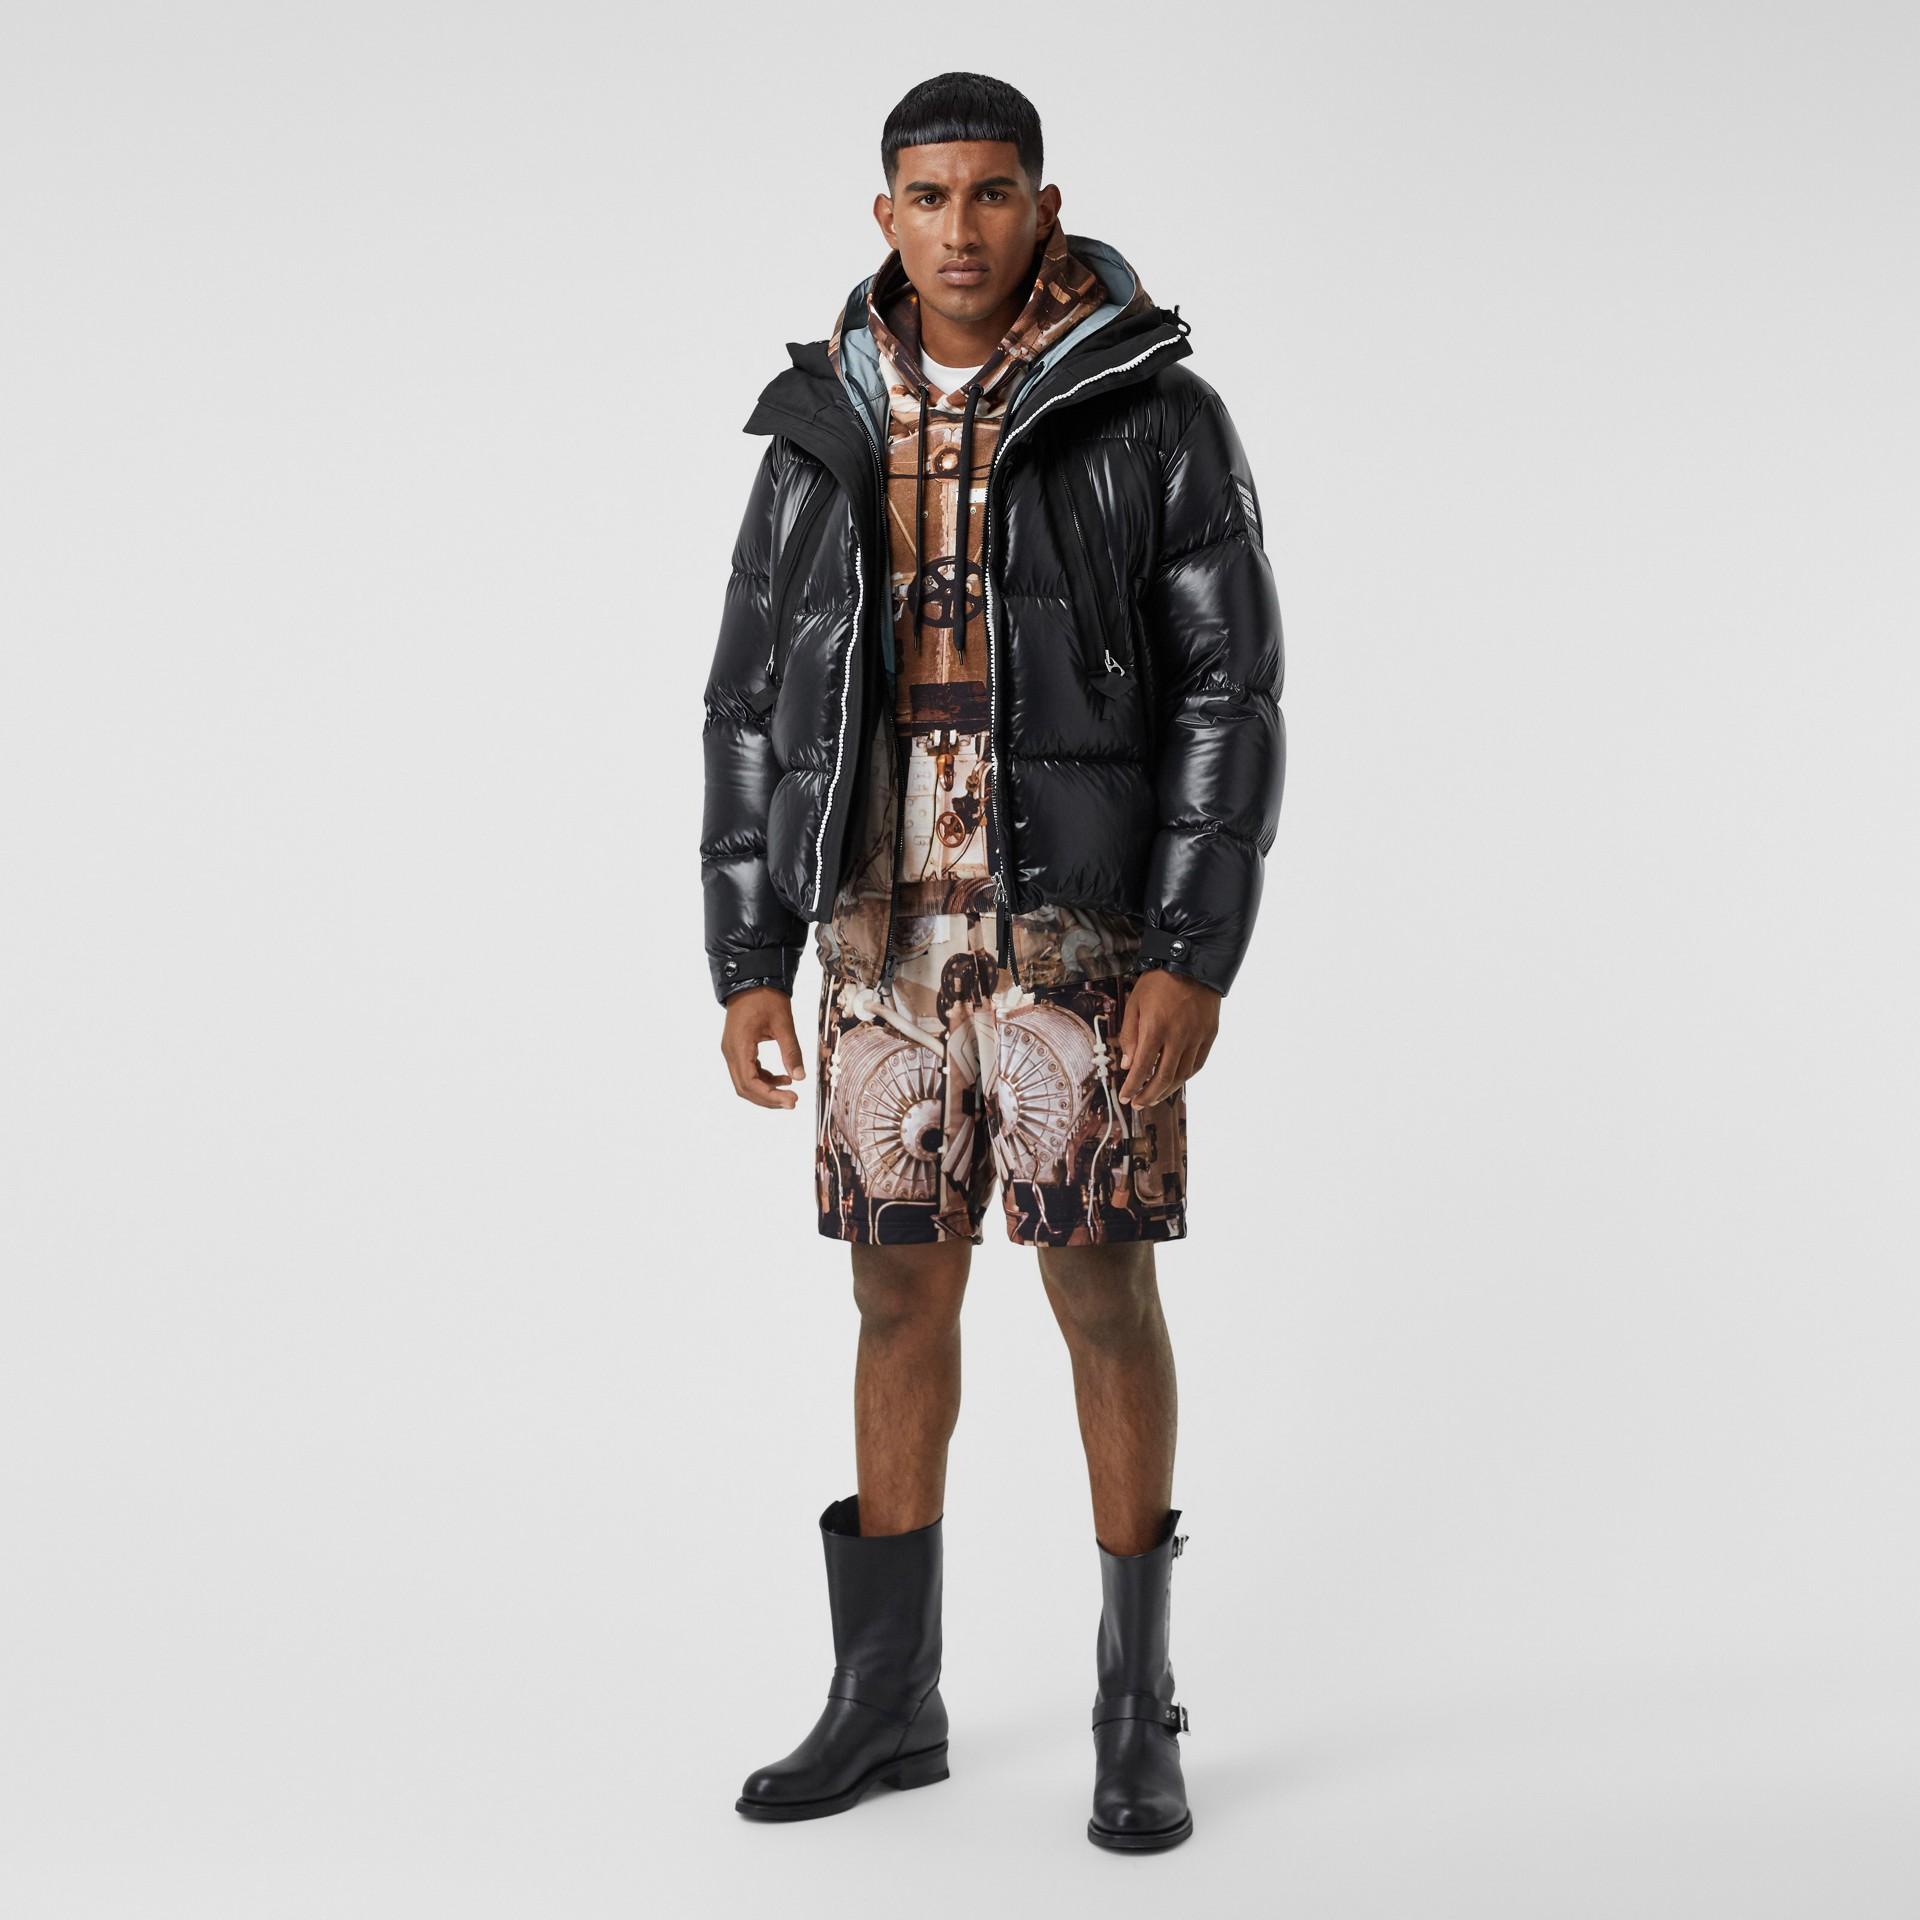 Packaway Hood Puffer Jacket in Black - Men | Burberry - gallery image 0